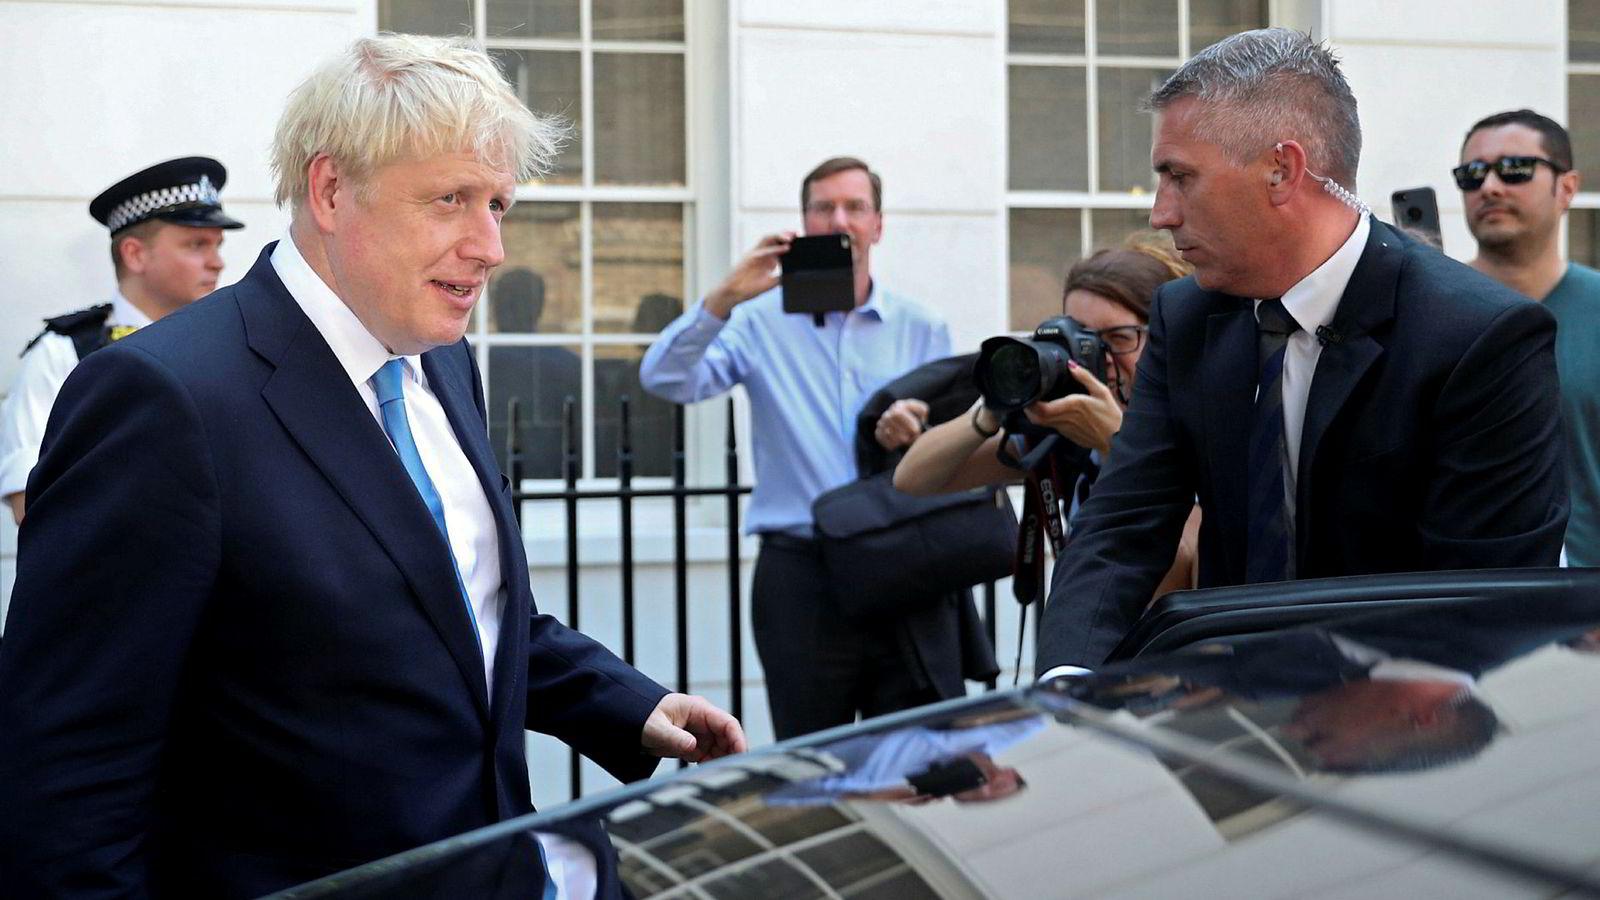 Flere ville fotografere Johnson utenfor kontoret etter at han ble valgt til ny leder av De konservative.